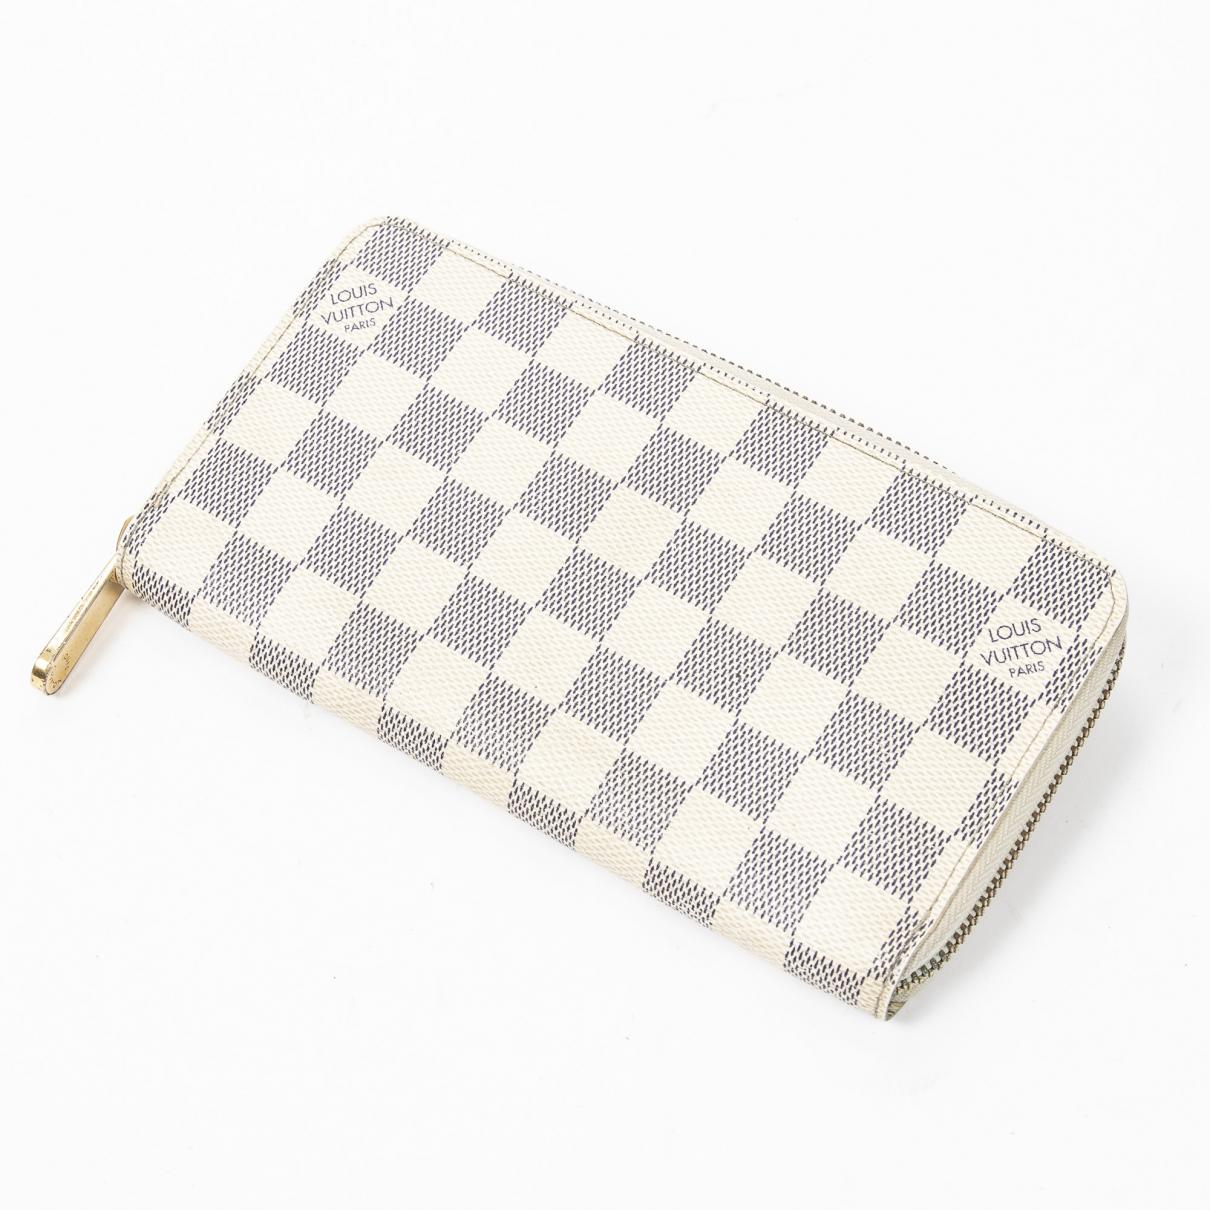 Louis Vuitton Zippy Portemonnaie in  Beige Leder